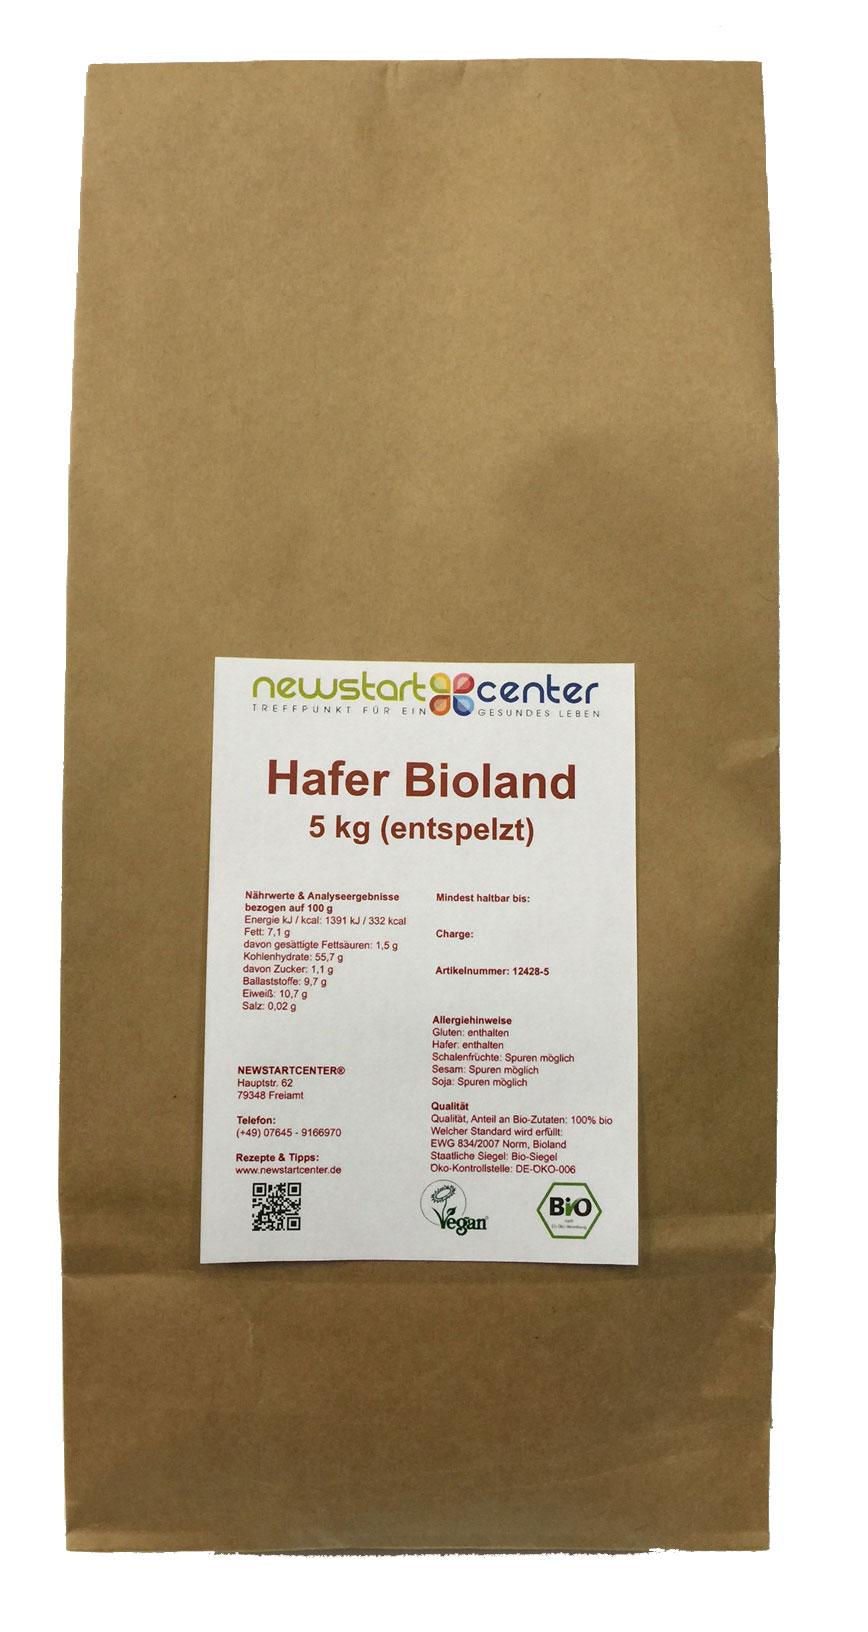 Hafer entspelzt 5 kg Bioland